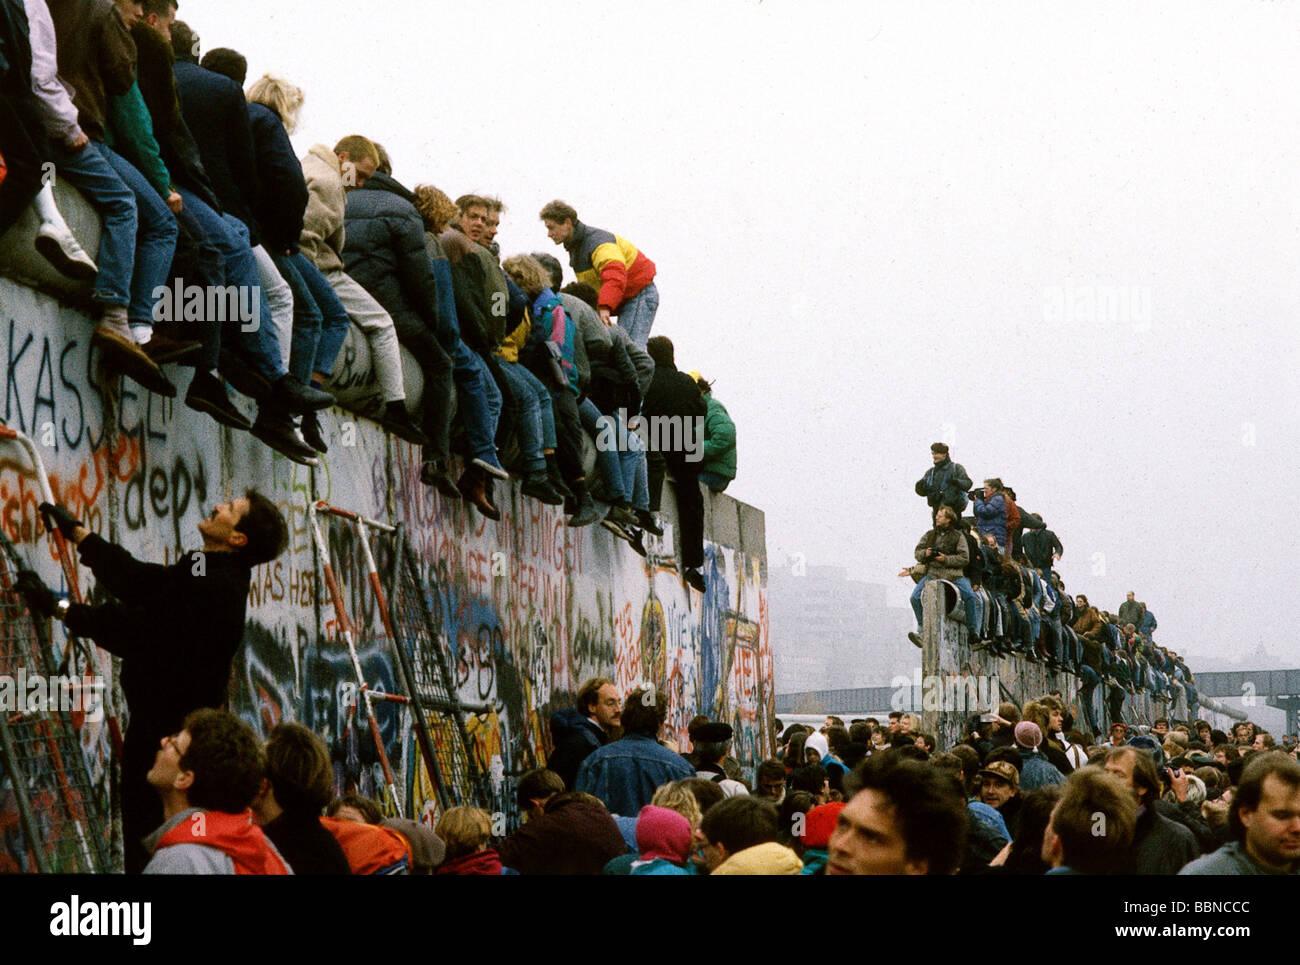 Geographie/Reisen, Deutschland, Fall der Berliner Mauer, die Menschen auf der Mauer, Berlin, 10.11.1989, Altstadt, Stockbild